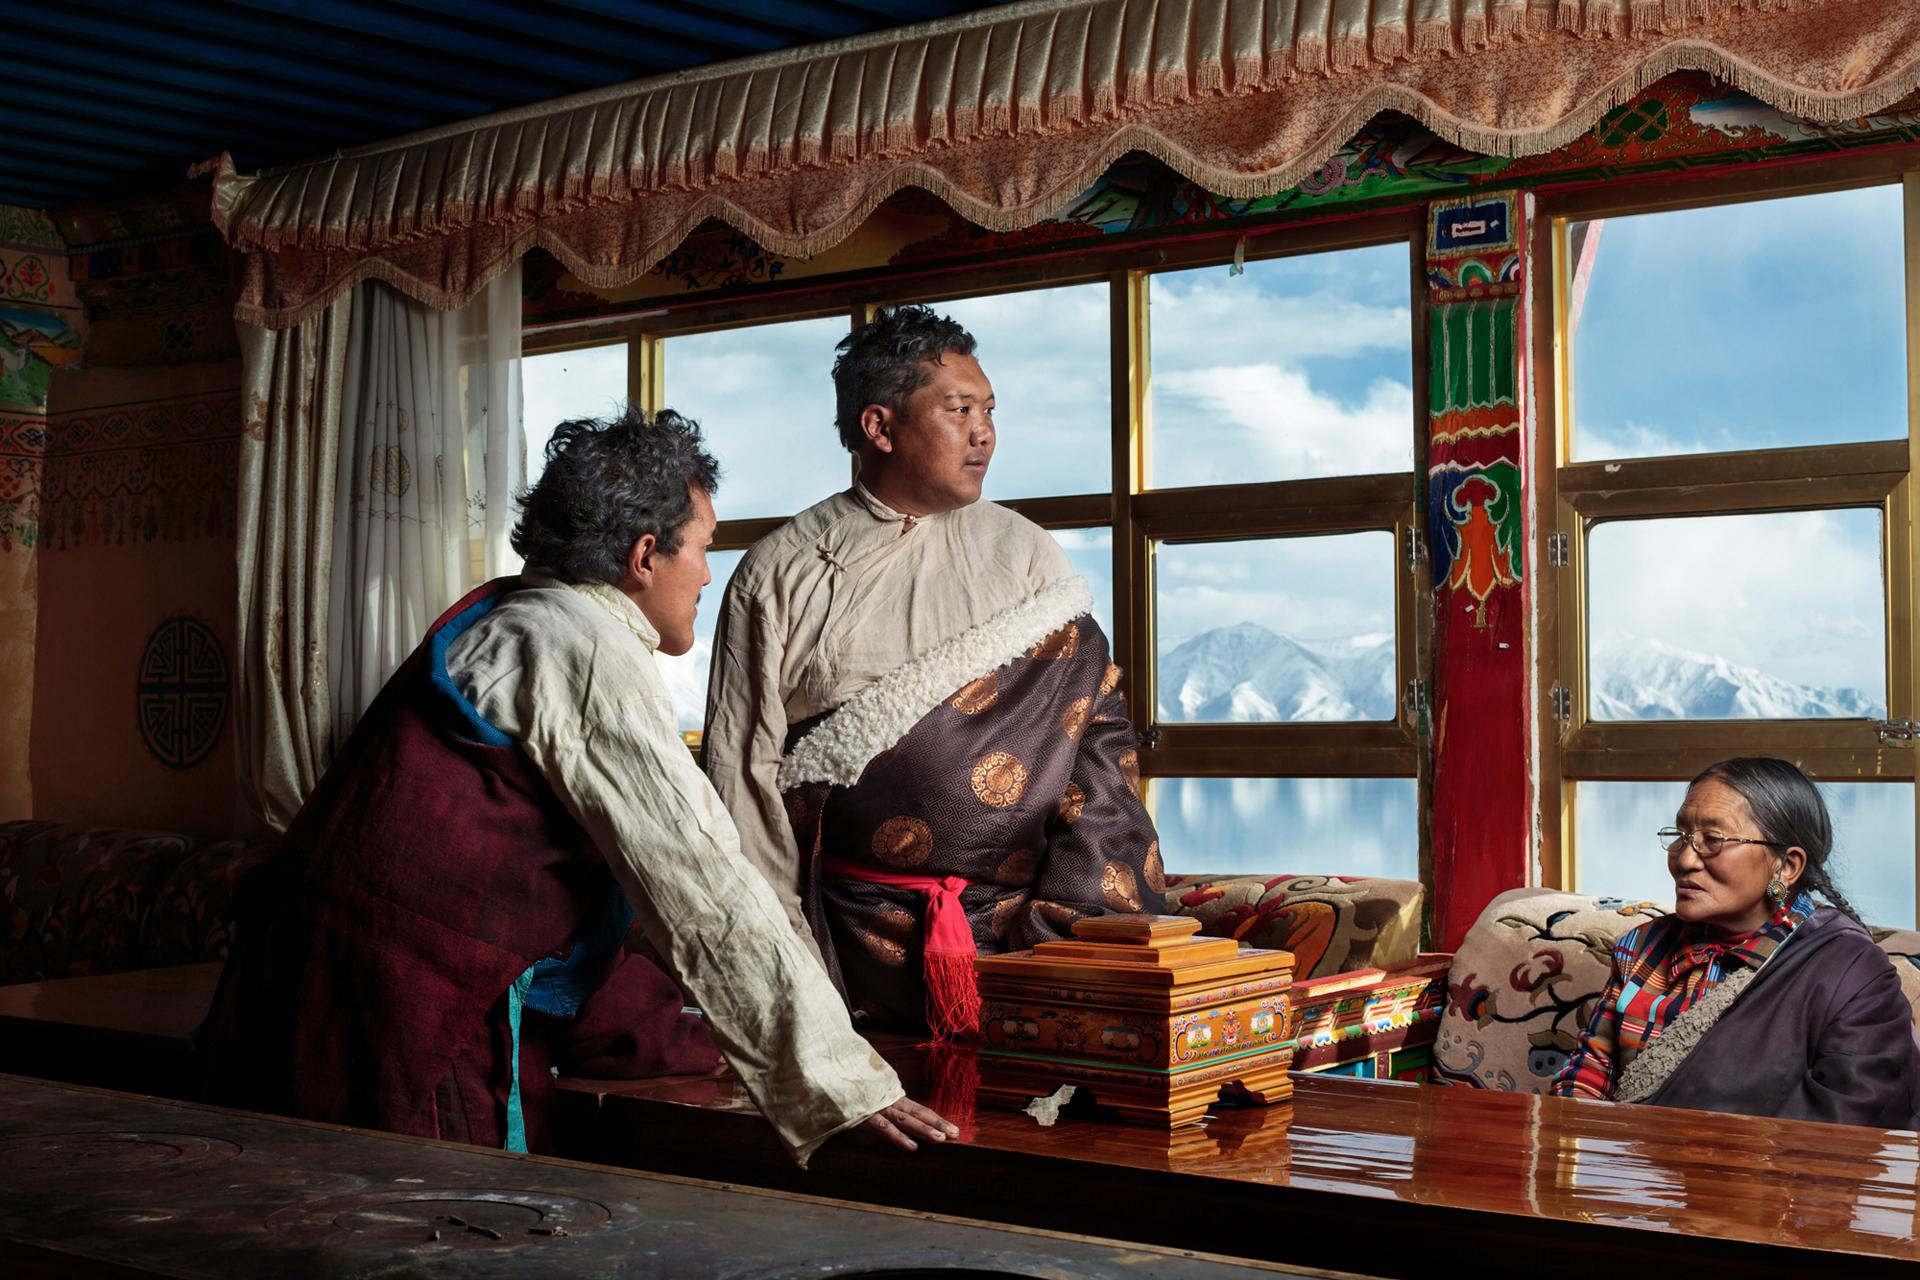 tibet_3.jpg